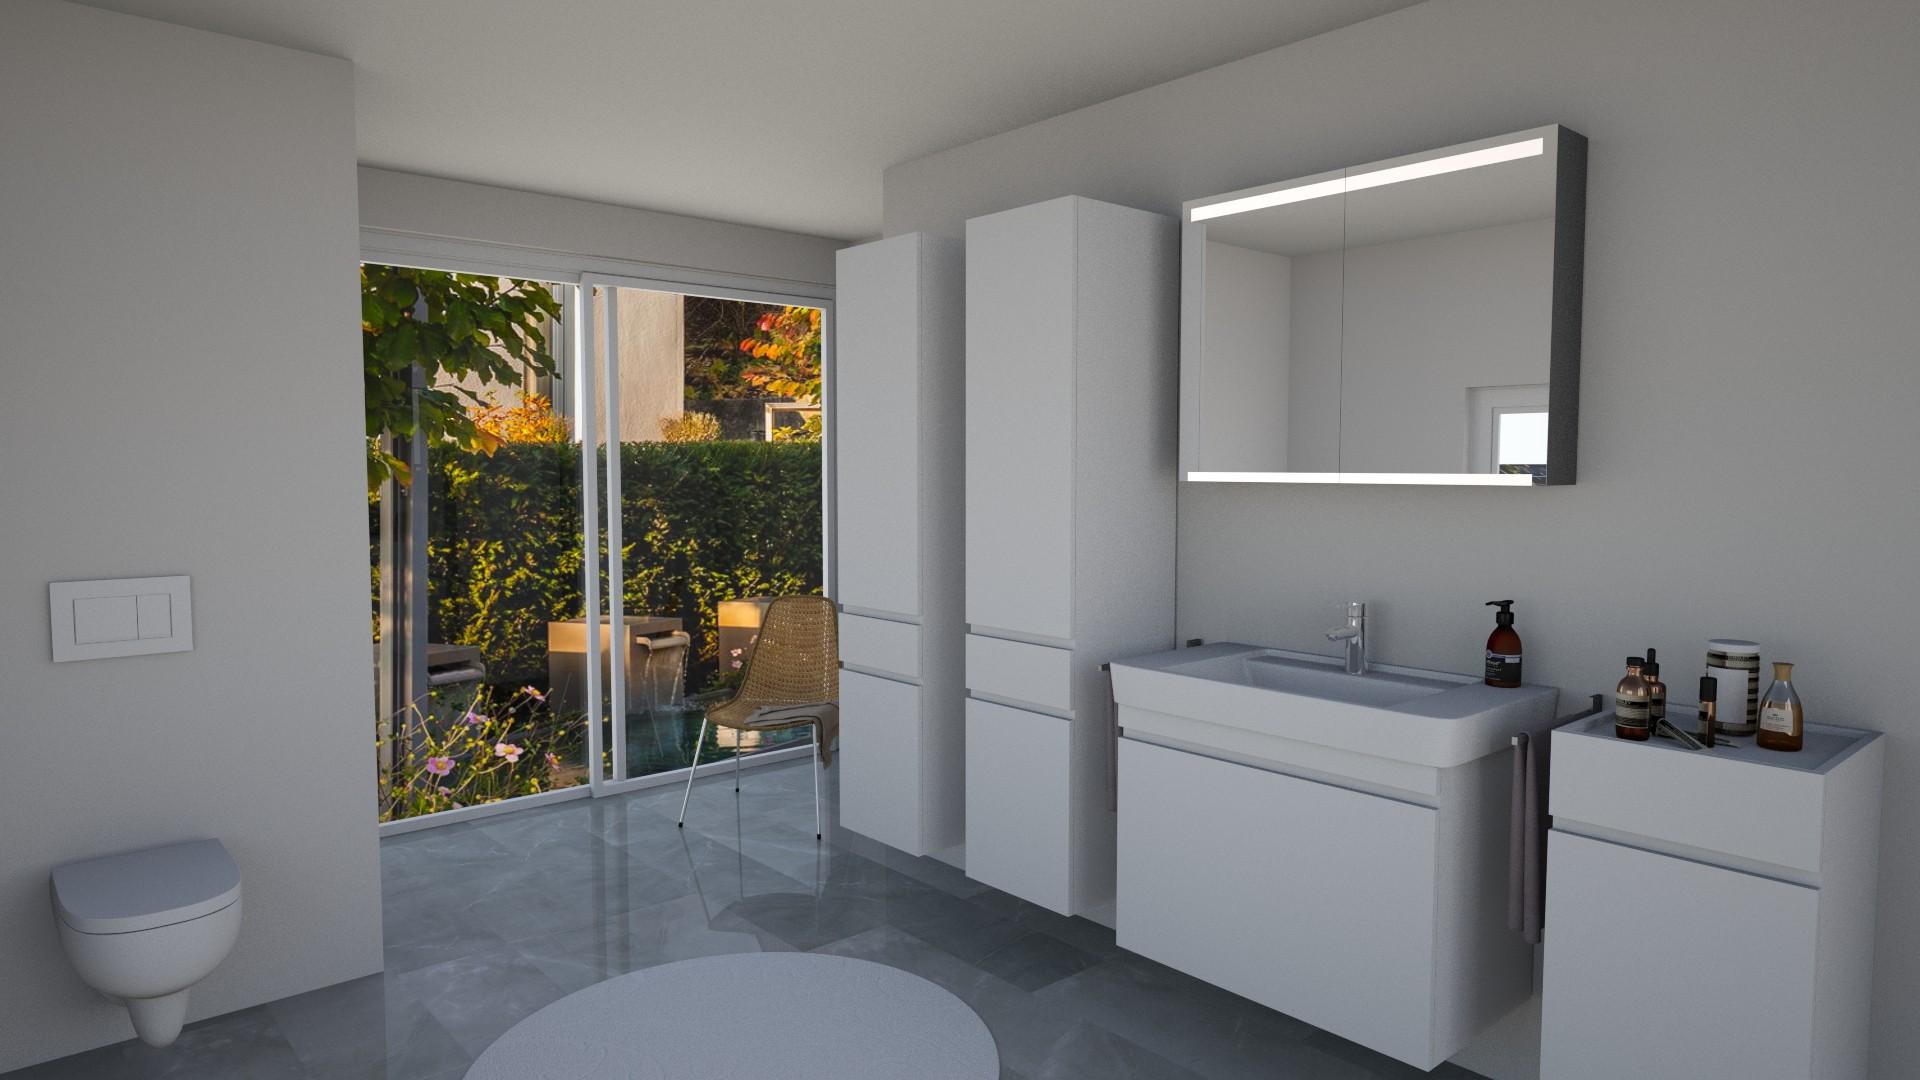 3d room geberit renova plan. Black Bedroom Furniture Sets. Home Design Ideas